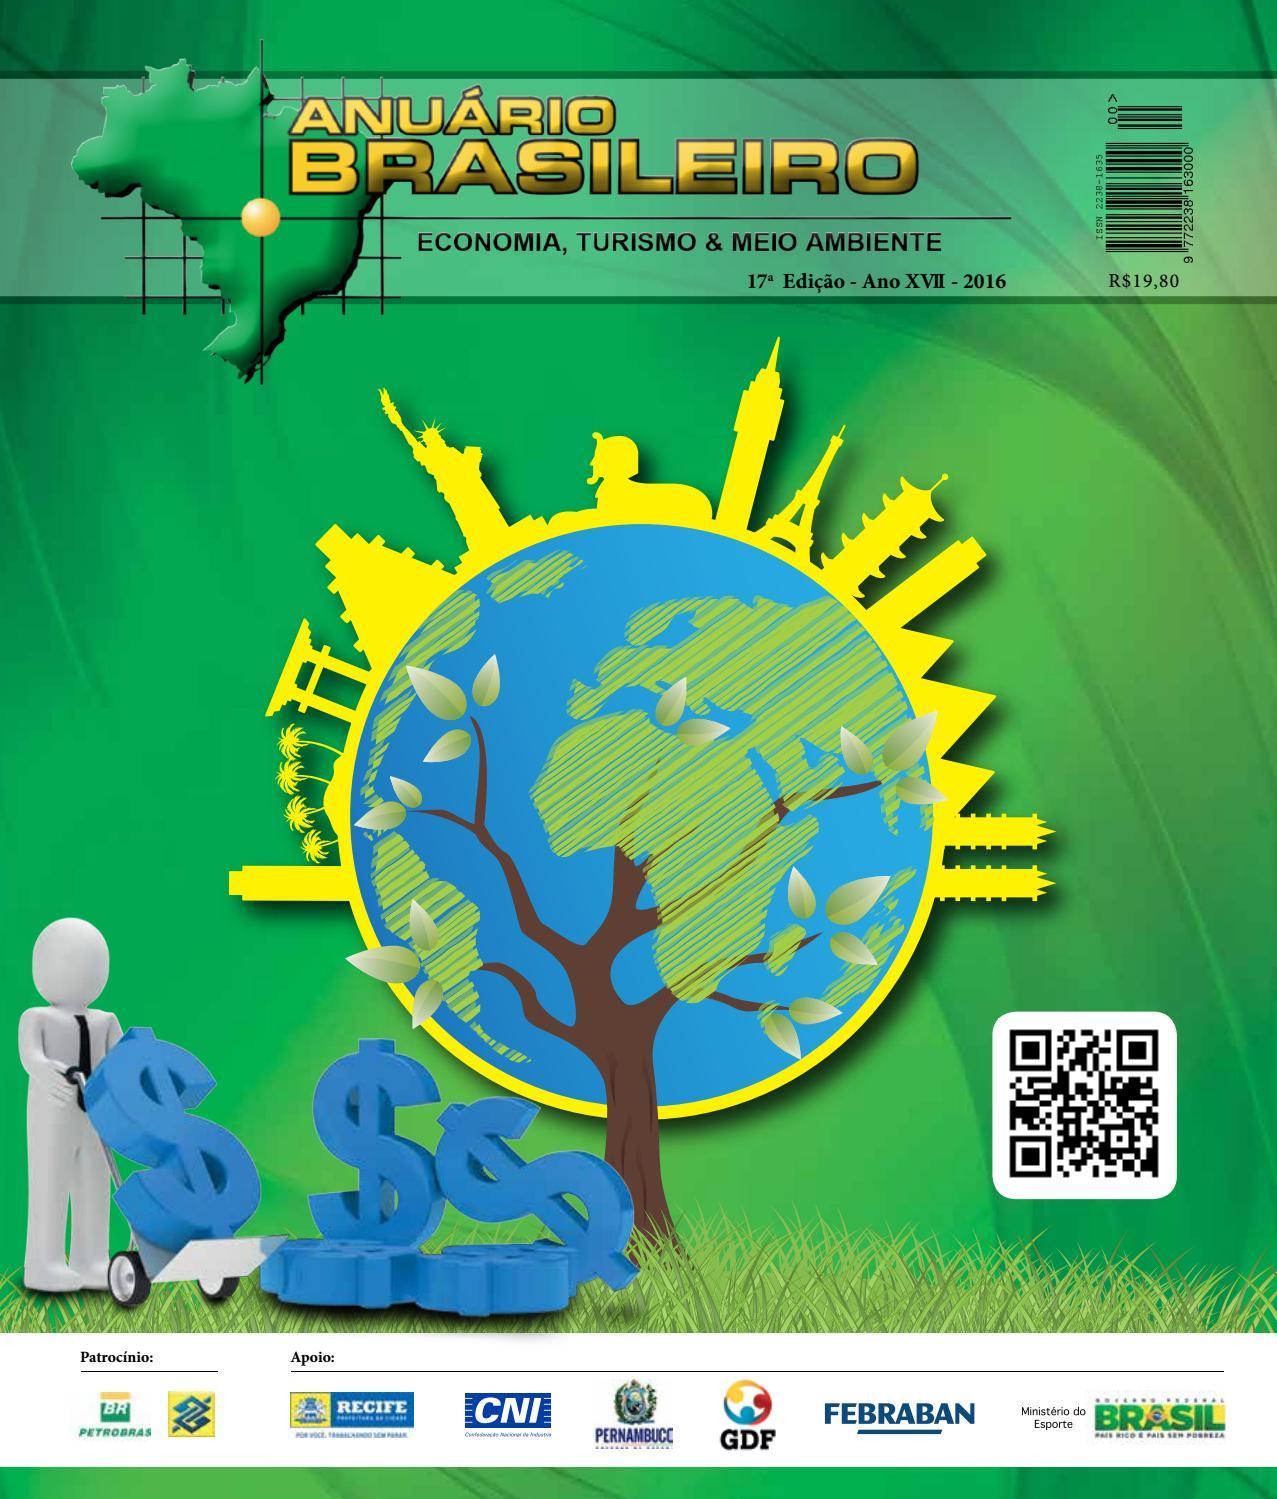 Anuario brasileiro 17 edio by fbio r de souza issuu fandeluxe Image collections